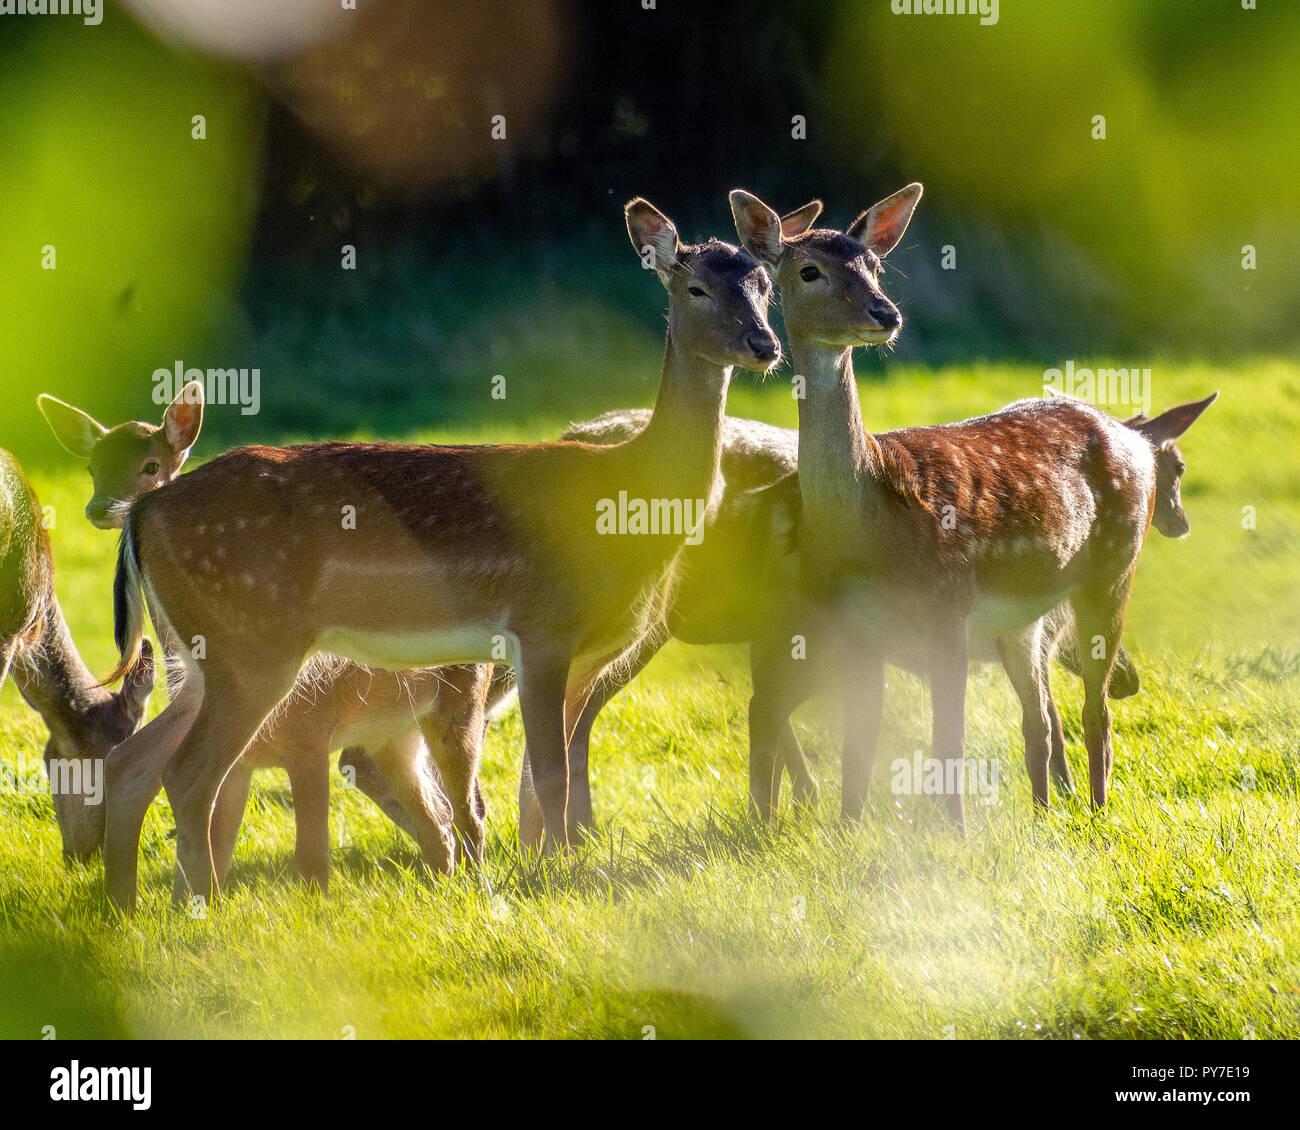 Un grupo de adultos y jóvenes ciervos pastan en un prado cerca de 50 yardas de un East Grinstead, West Sussex, UK urbanización en septiembre. Foto de stock